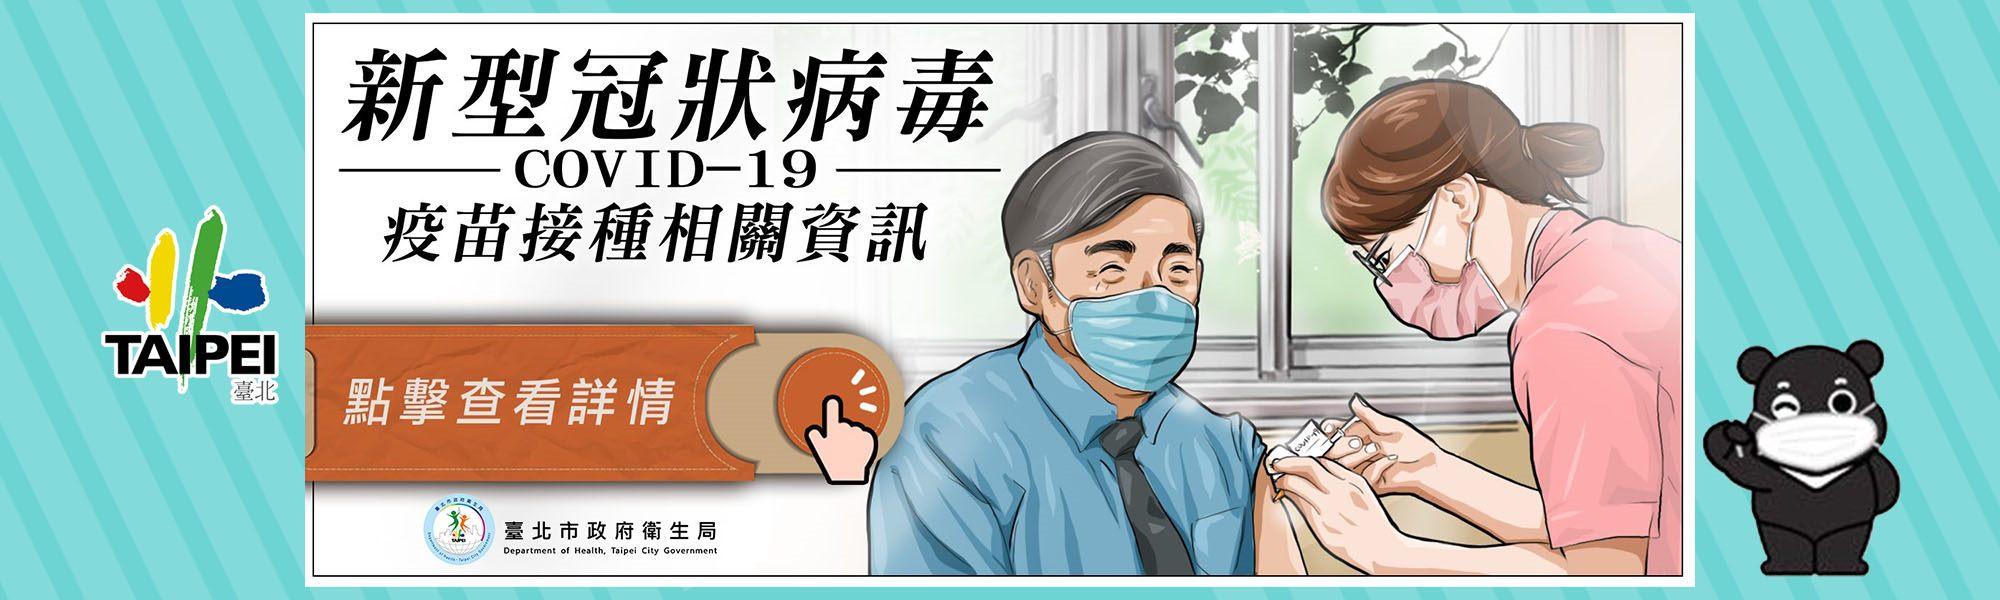 嚴重特殊傳染性肺炎專區(武漢肺炎)